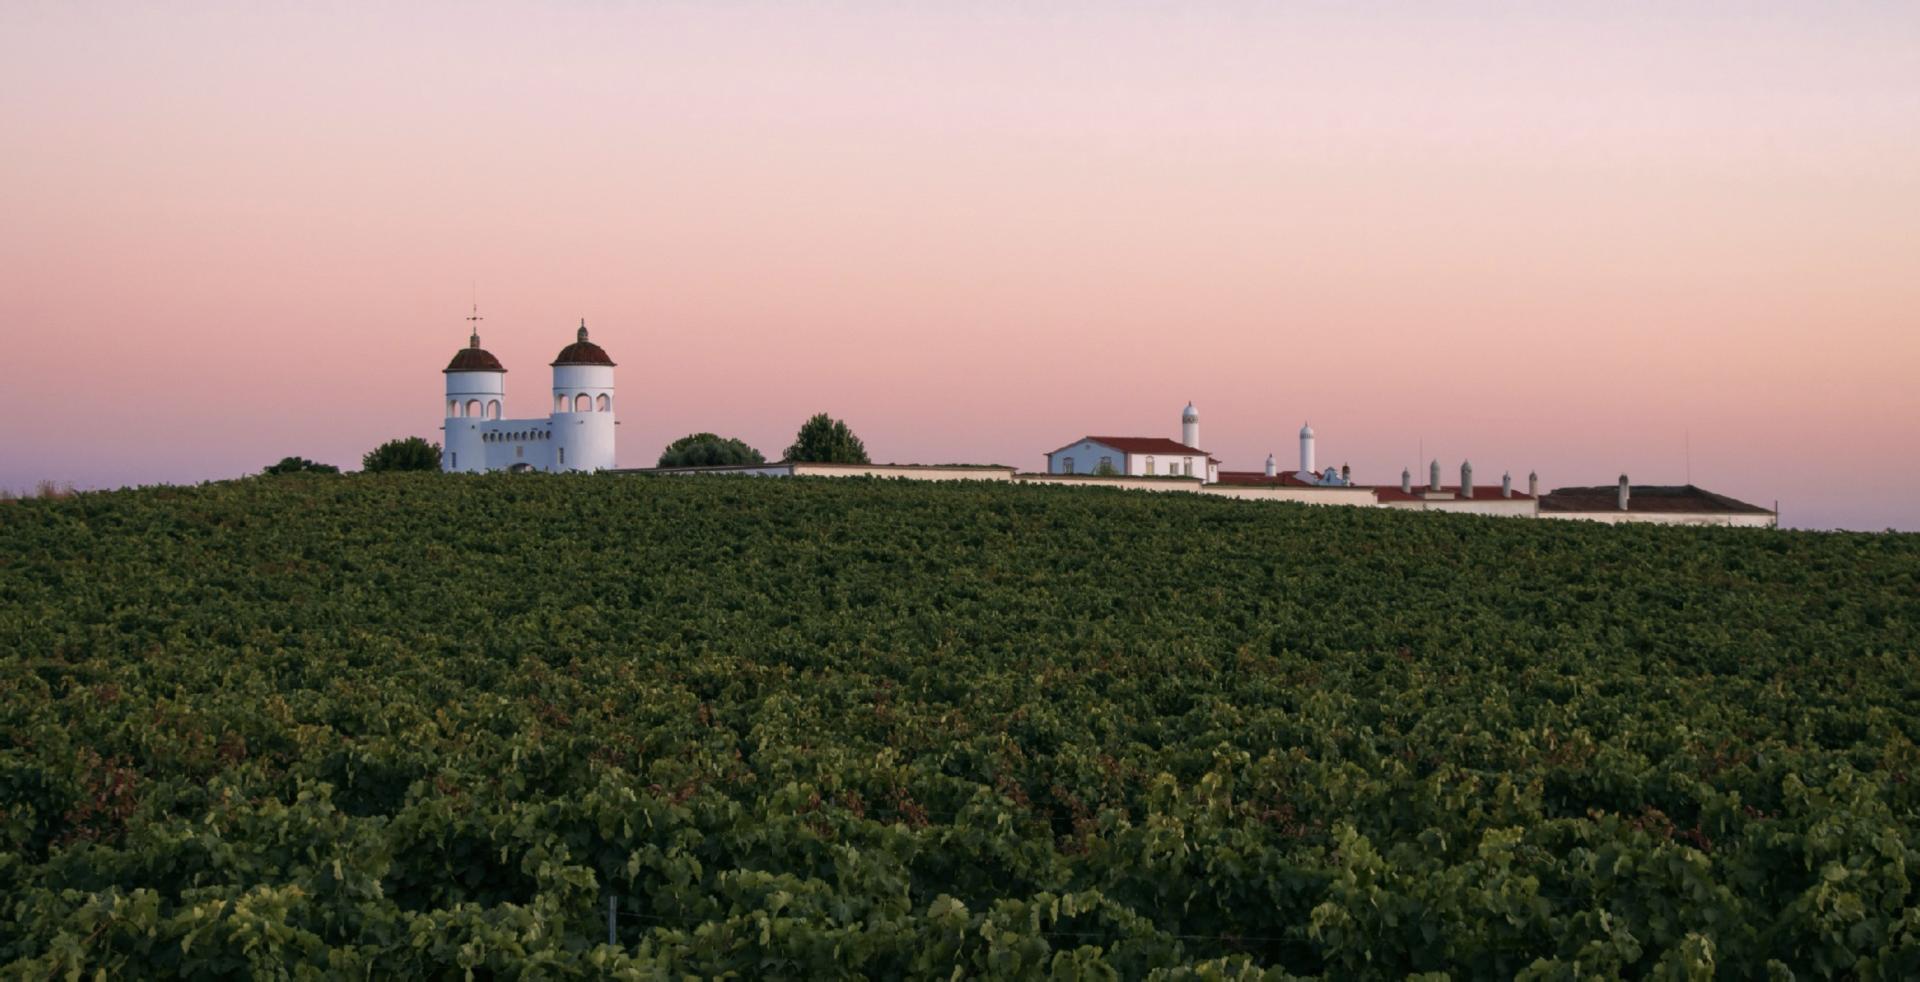 Abegoaria Vidigal Wines